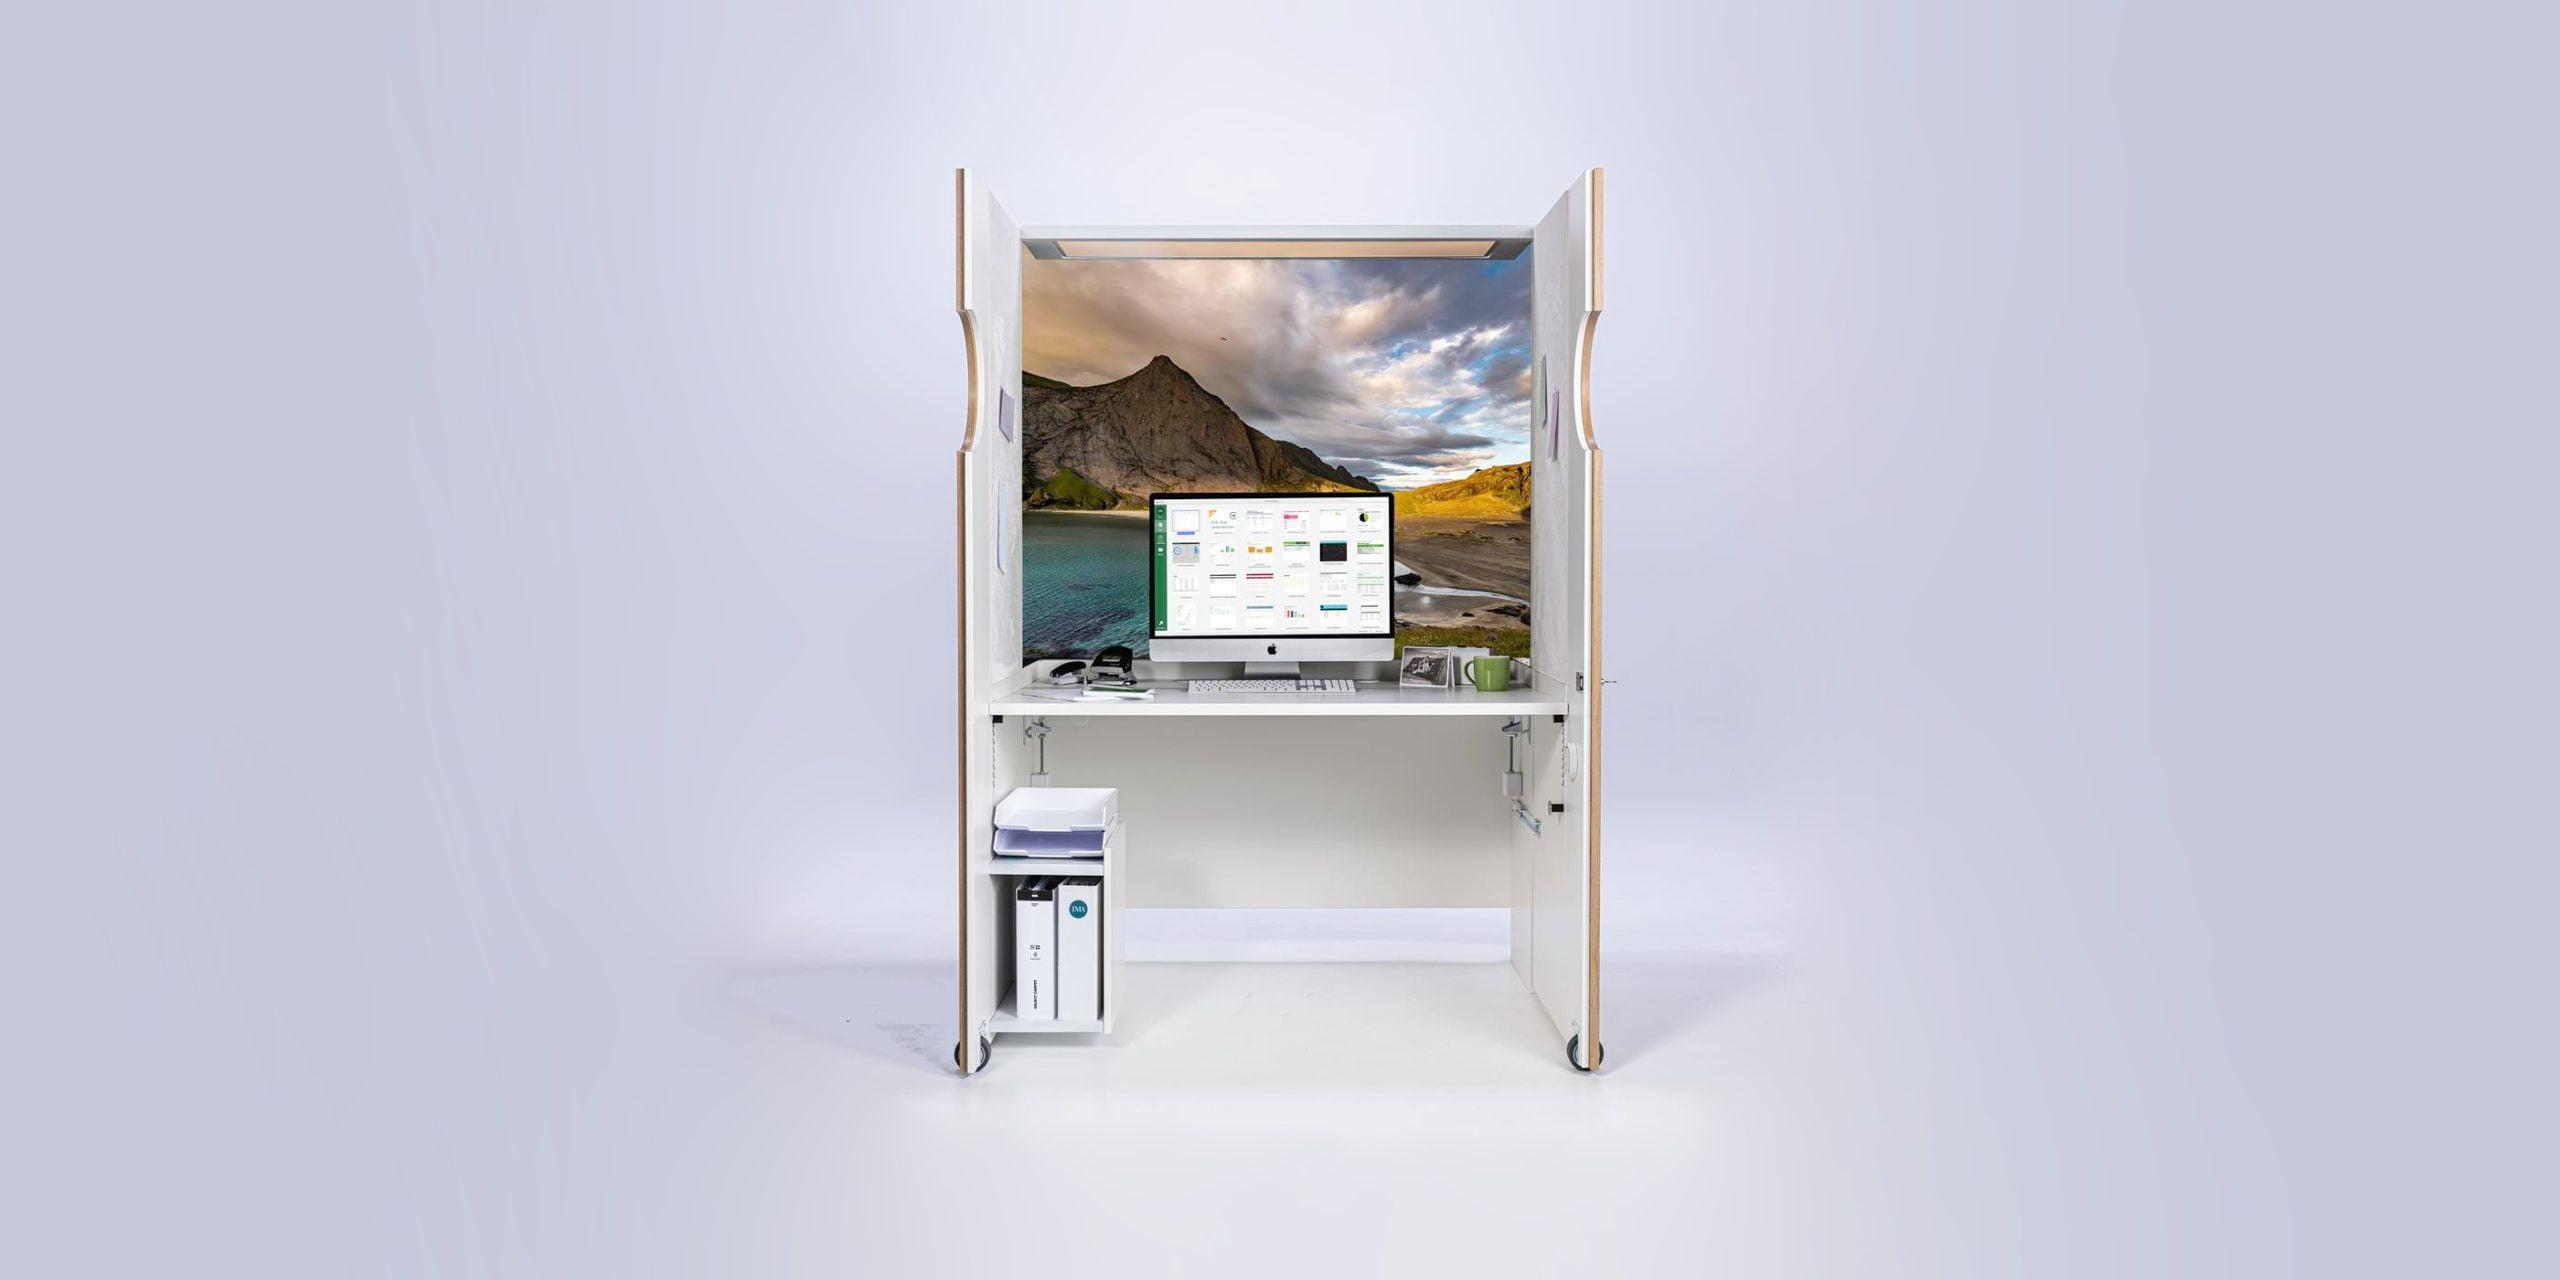 mocube - Das Home Office im Schrank